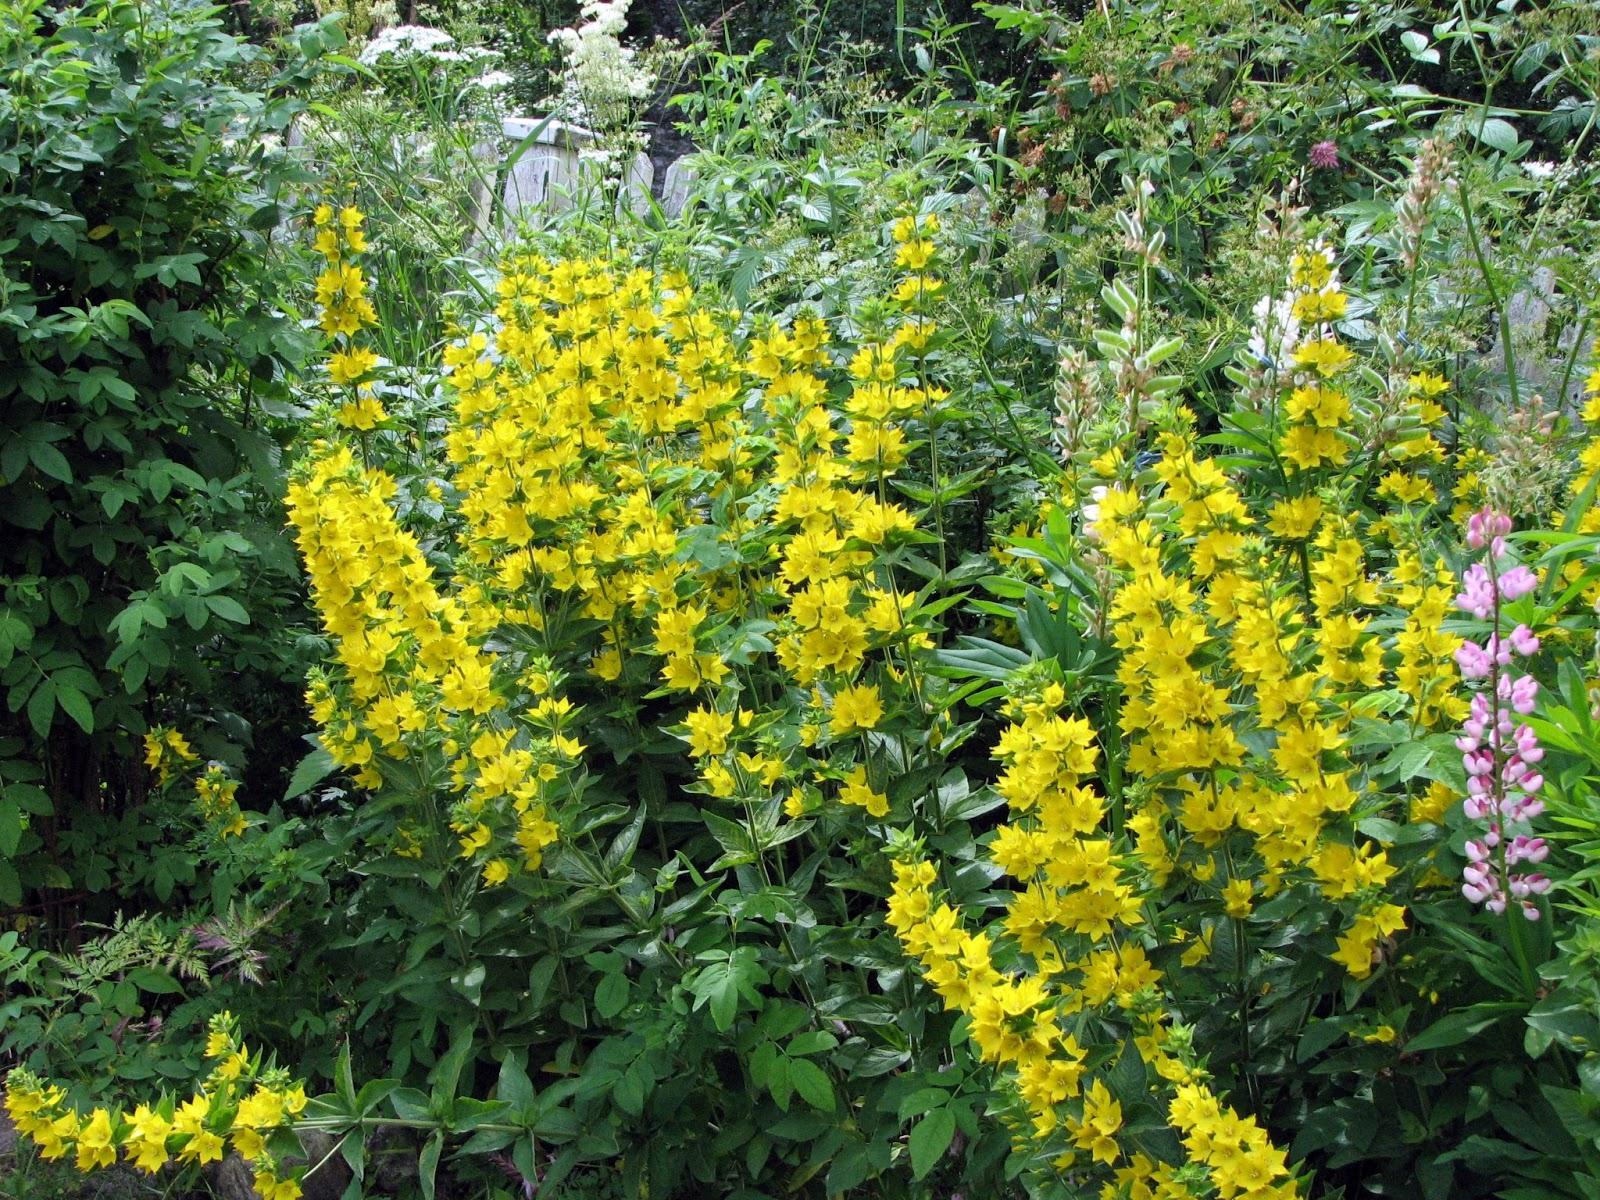 Trädgårdsprinsessans dagbok: gult och orange i rabatter och krukor!